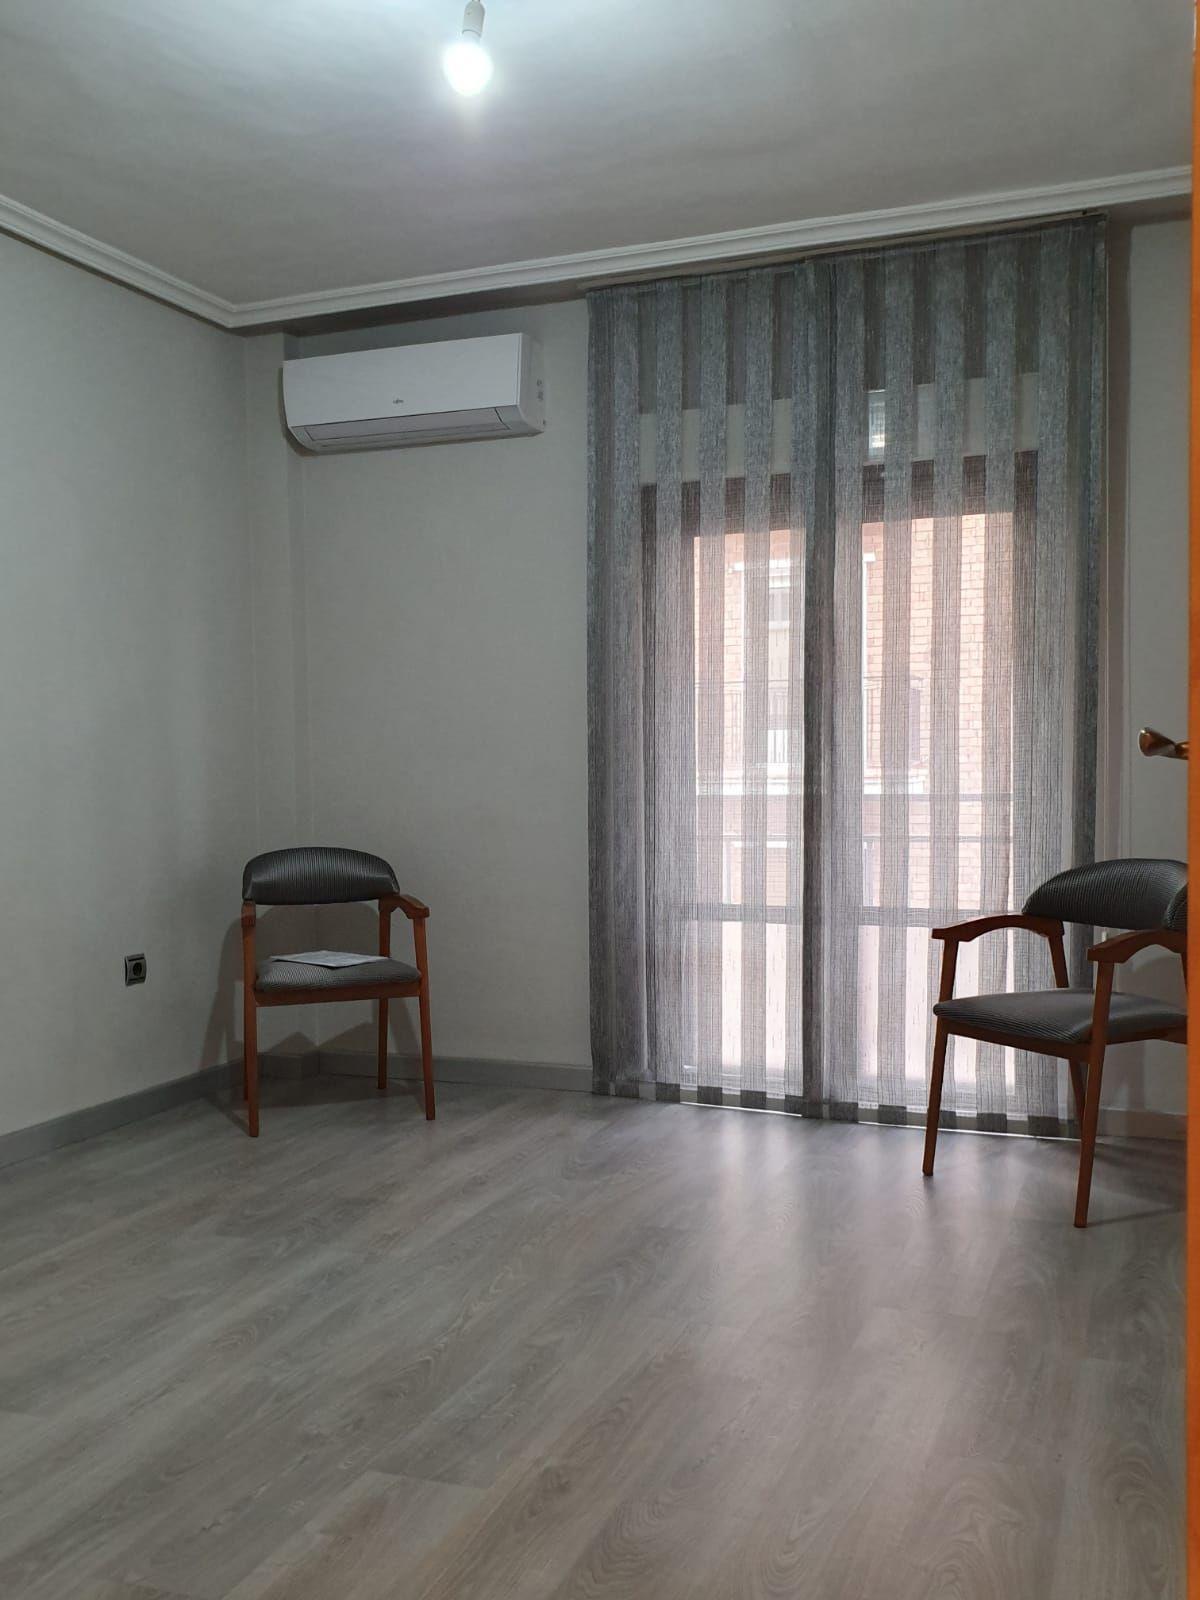 Piso en venta en Garrido Sur, Salamanca, Salamanca, Paseo de la Estacion, 165.000 €, 3 habitaciones, 1 baño, 90 m2